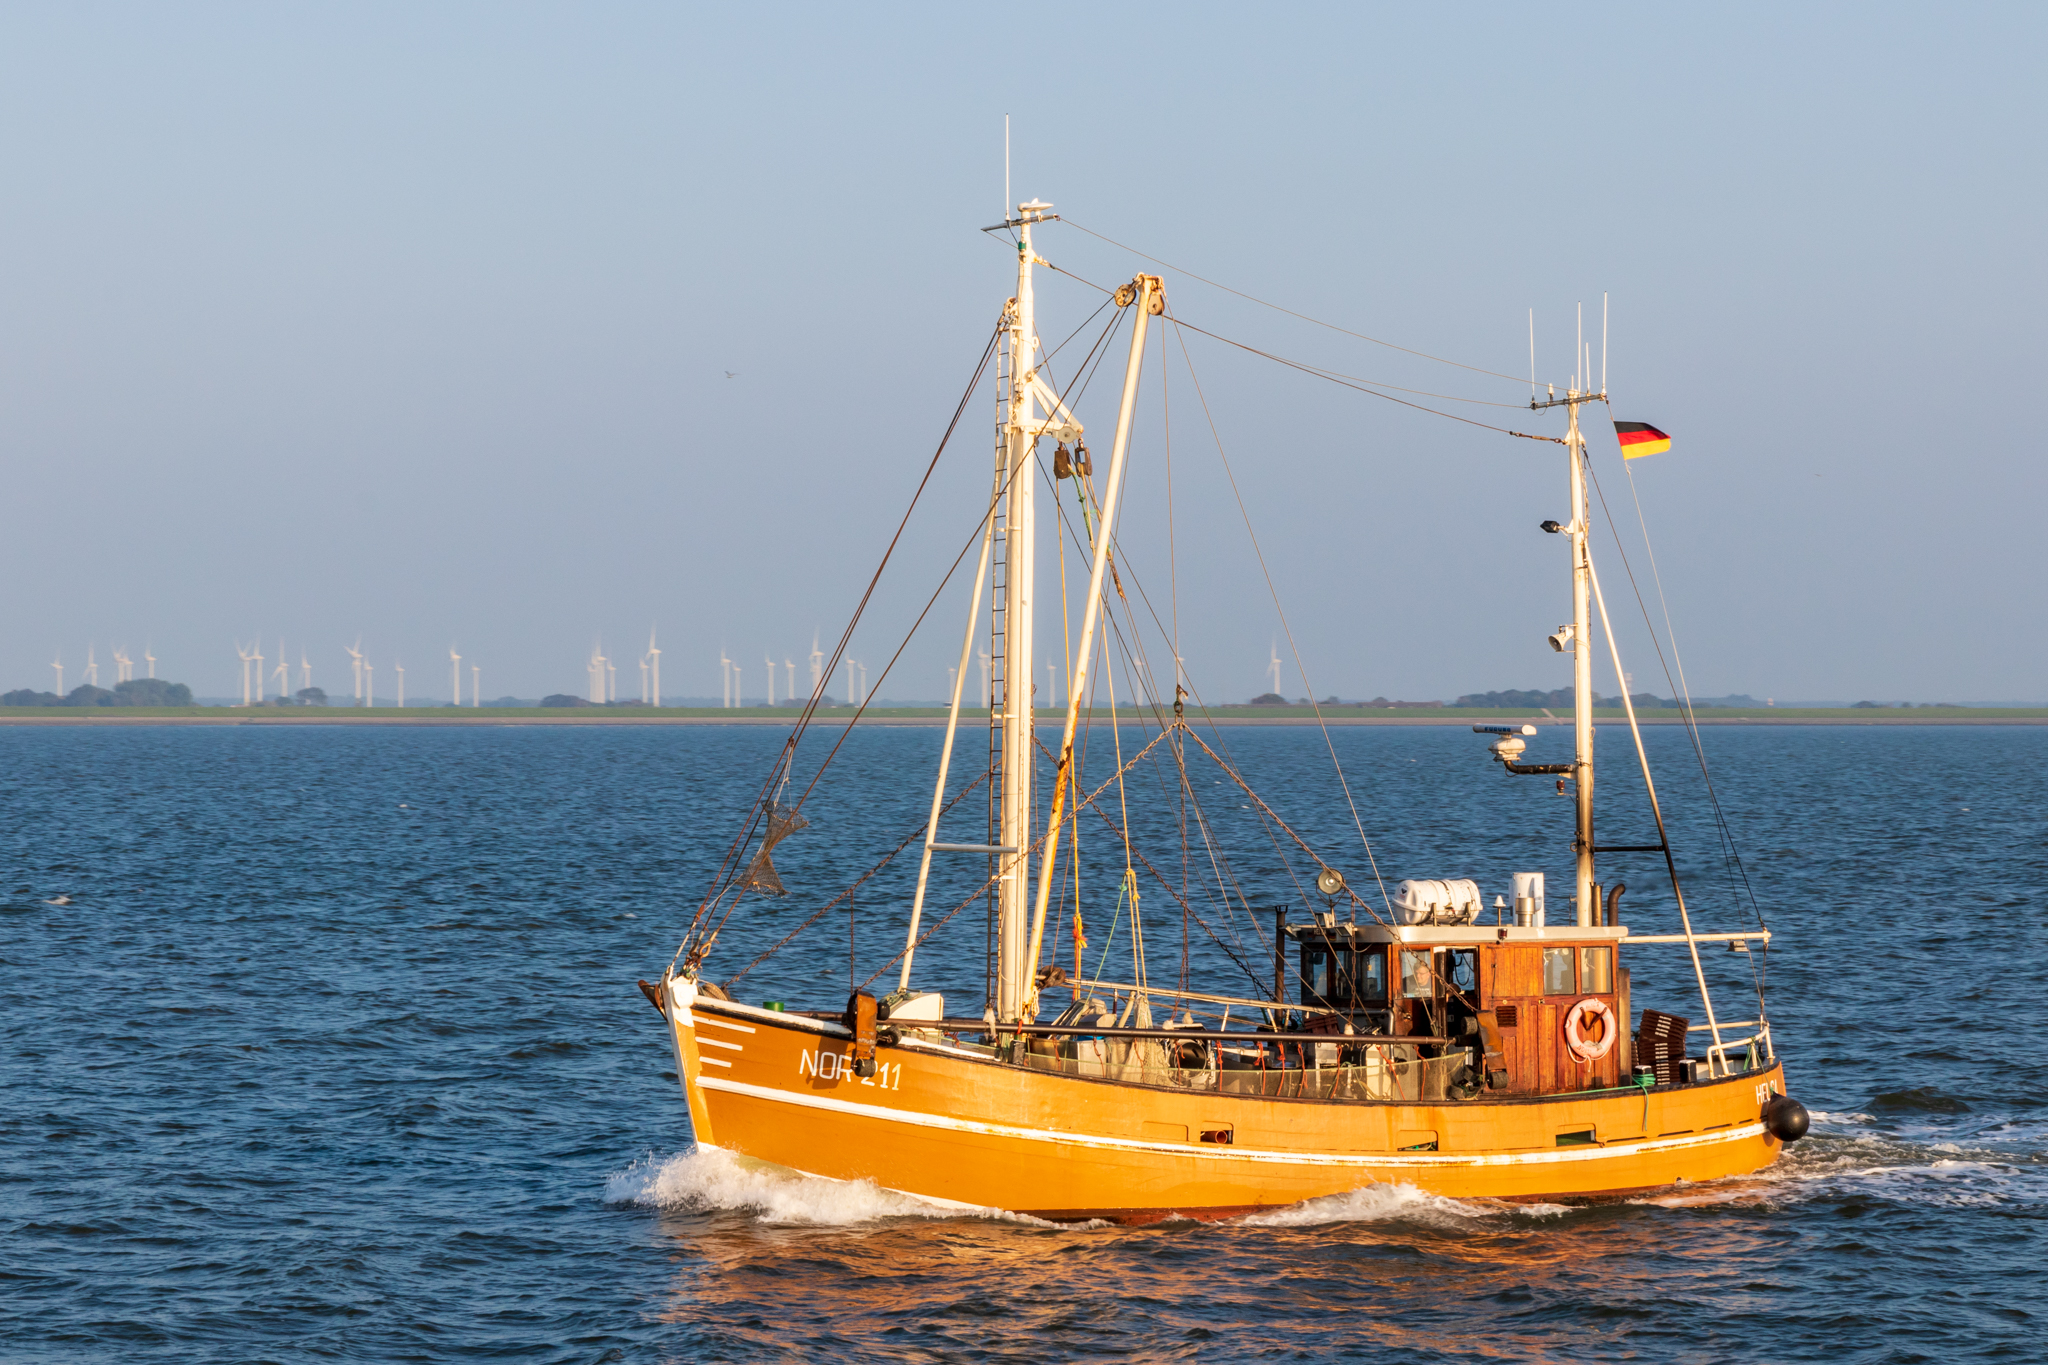 File:Fischkutter-msu-0233.jpg - Wikimedia Commons